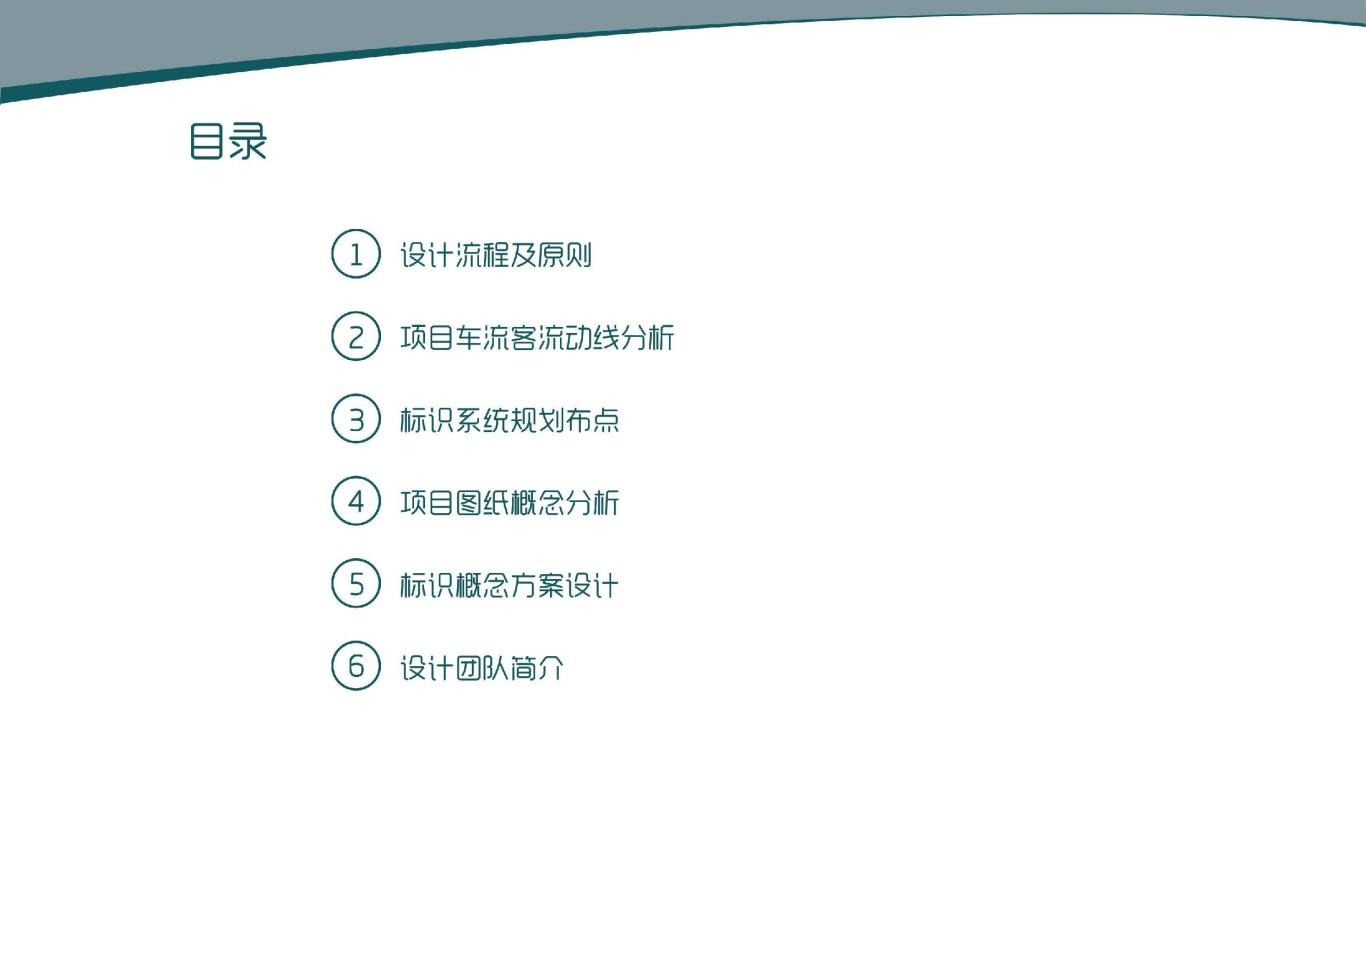 大连泰达慧谷开发区导视系统设计图1